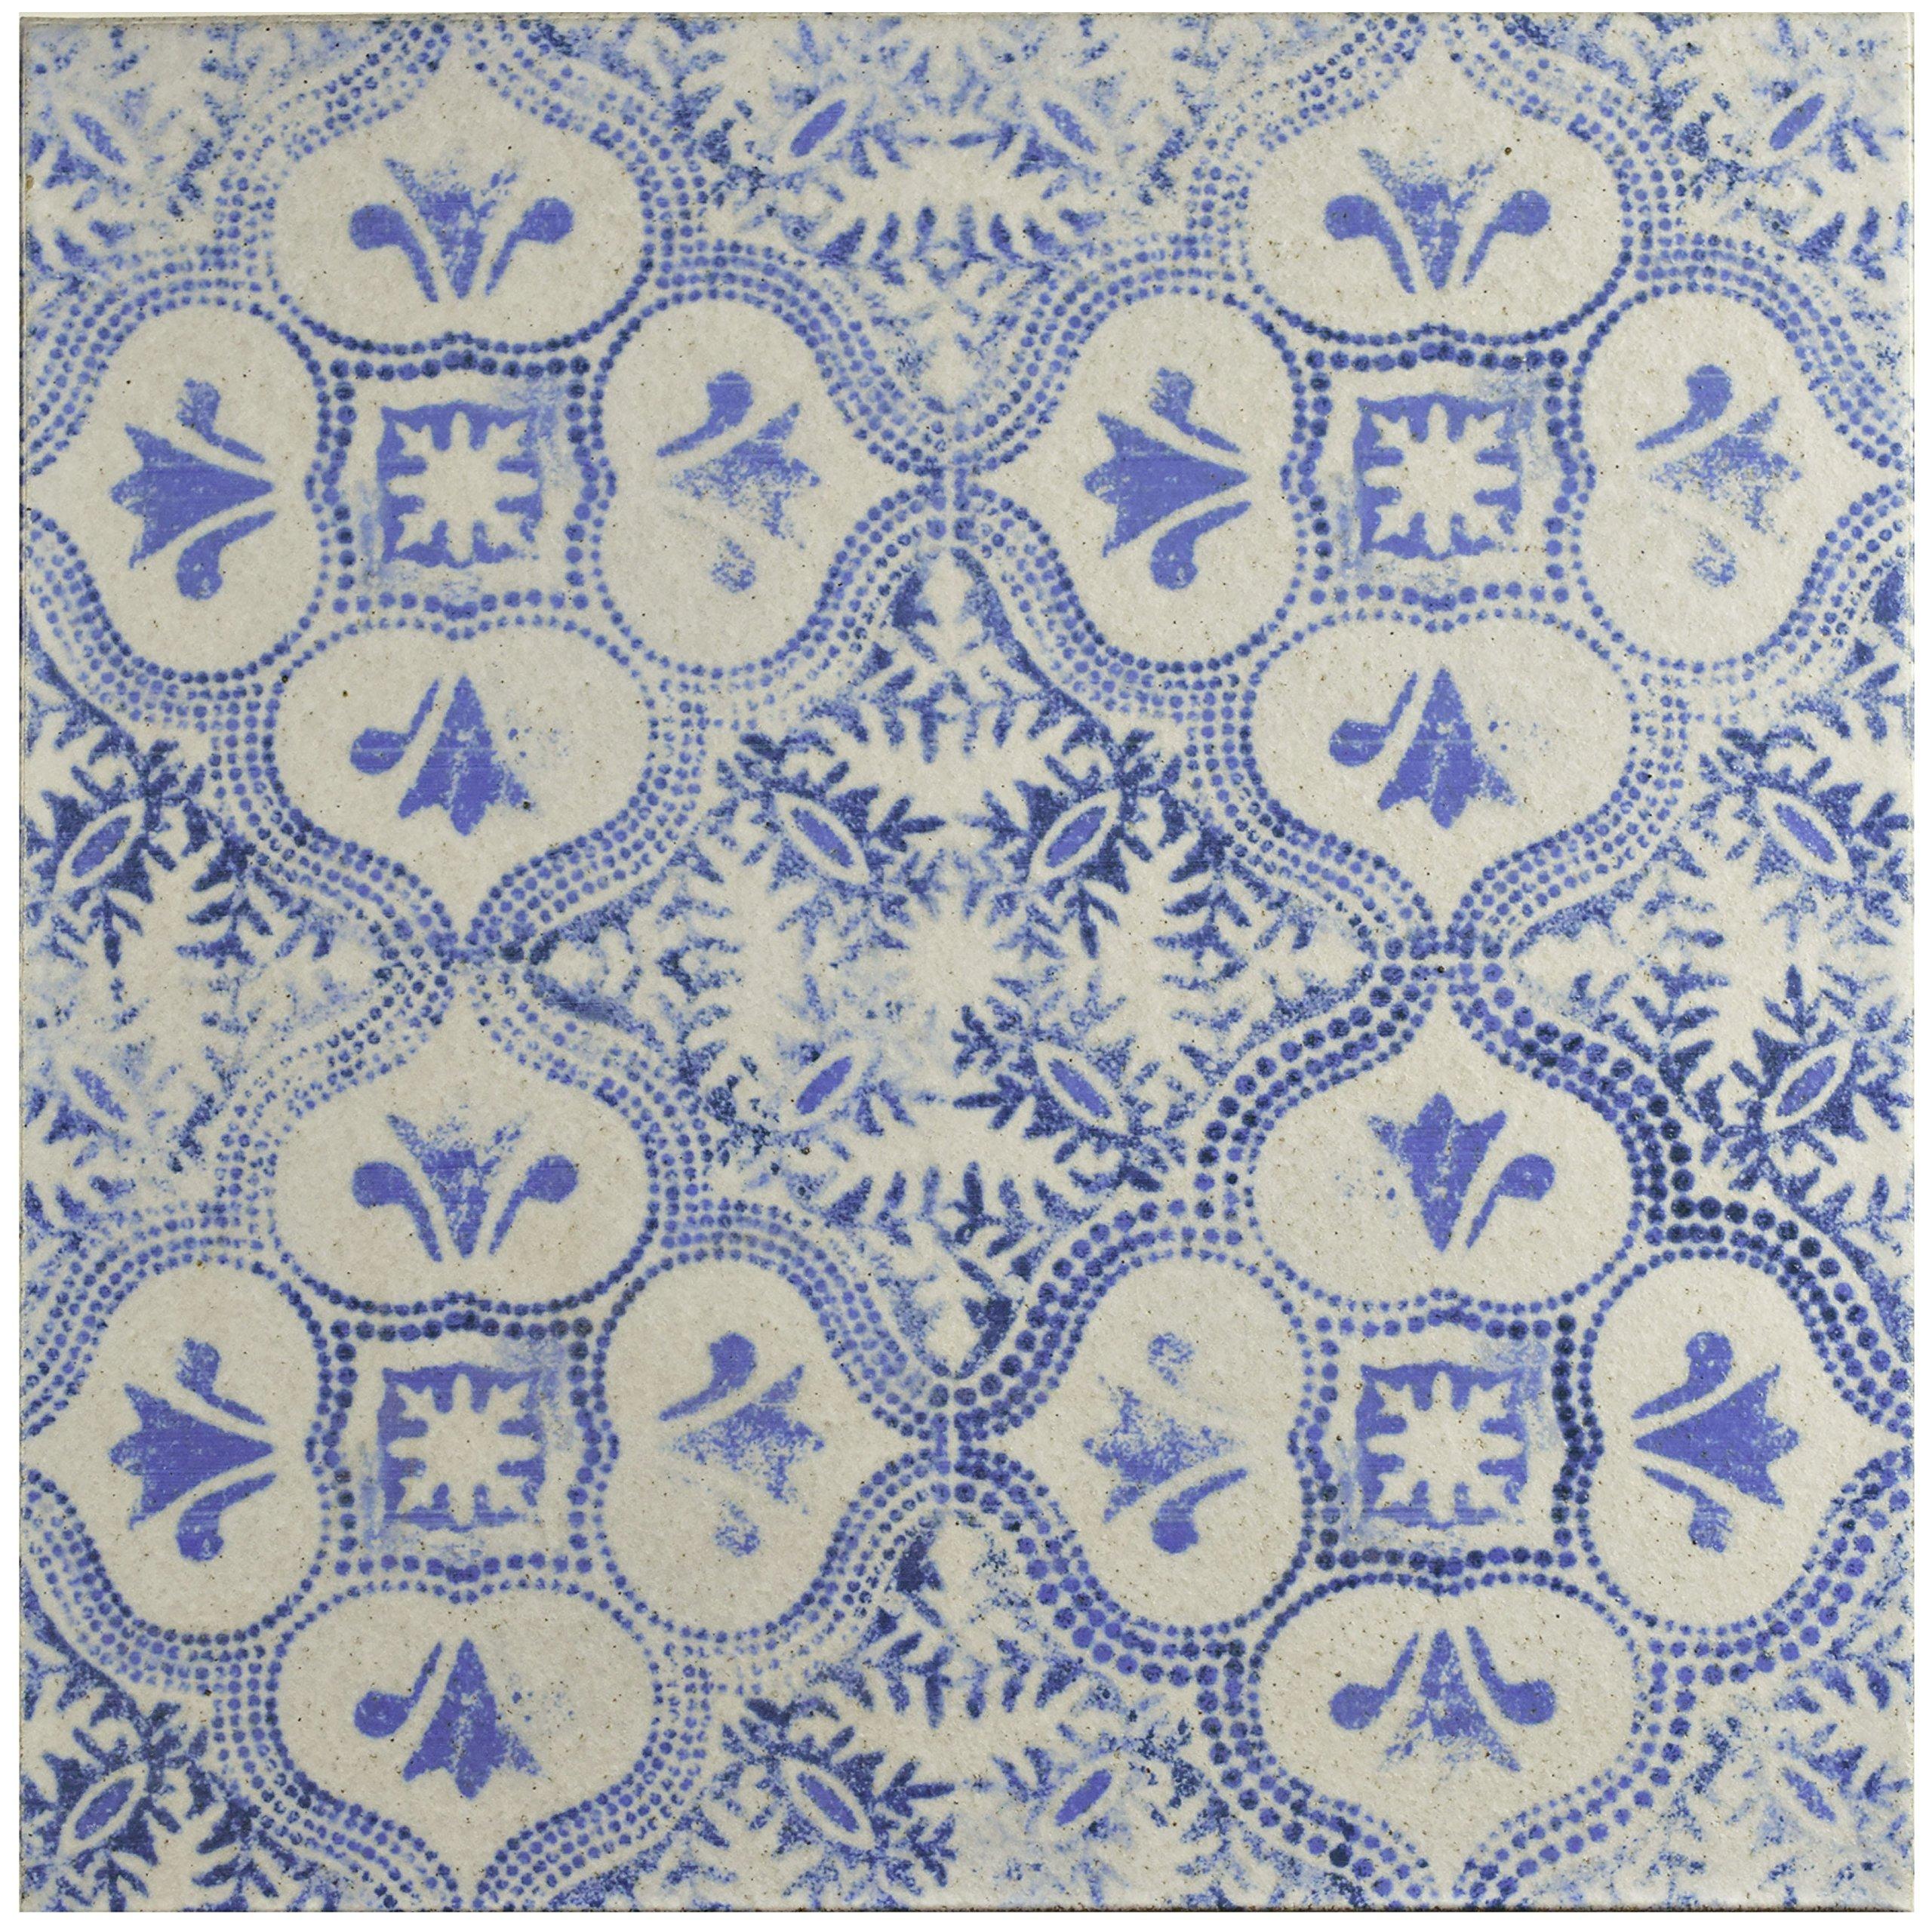 SomerTile FGAKAL3 Carriere Quarry Floor & Wall Tile, 12.75'' x 12.75'', Alcazar Helios,,, Blue, White